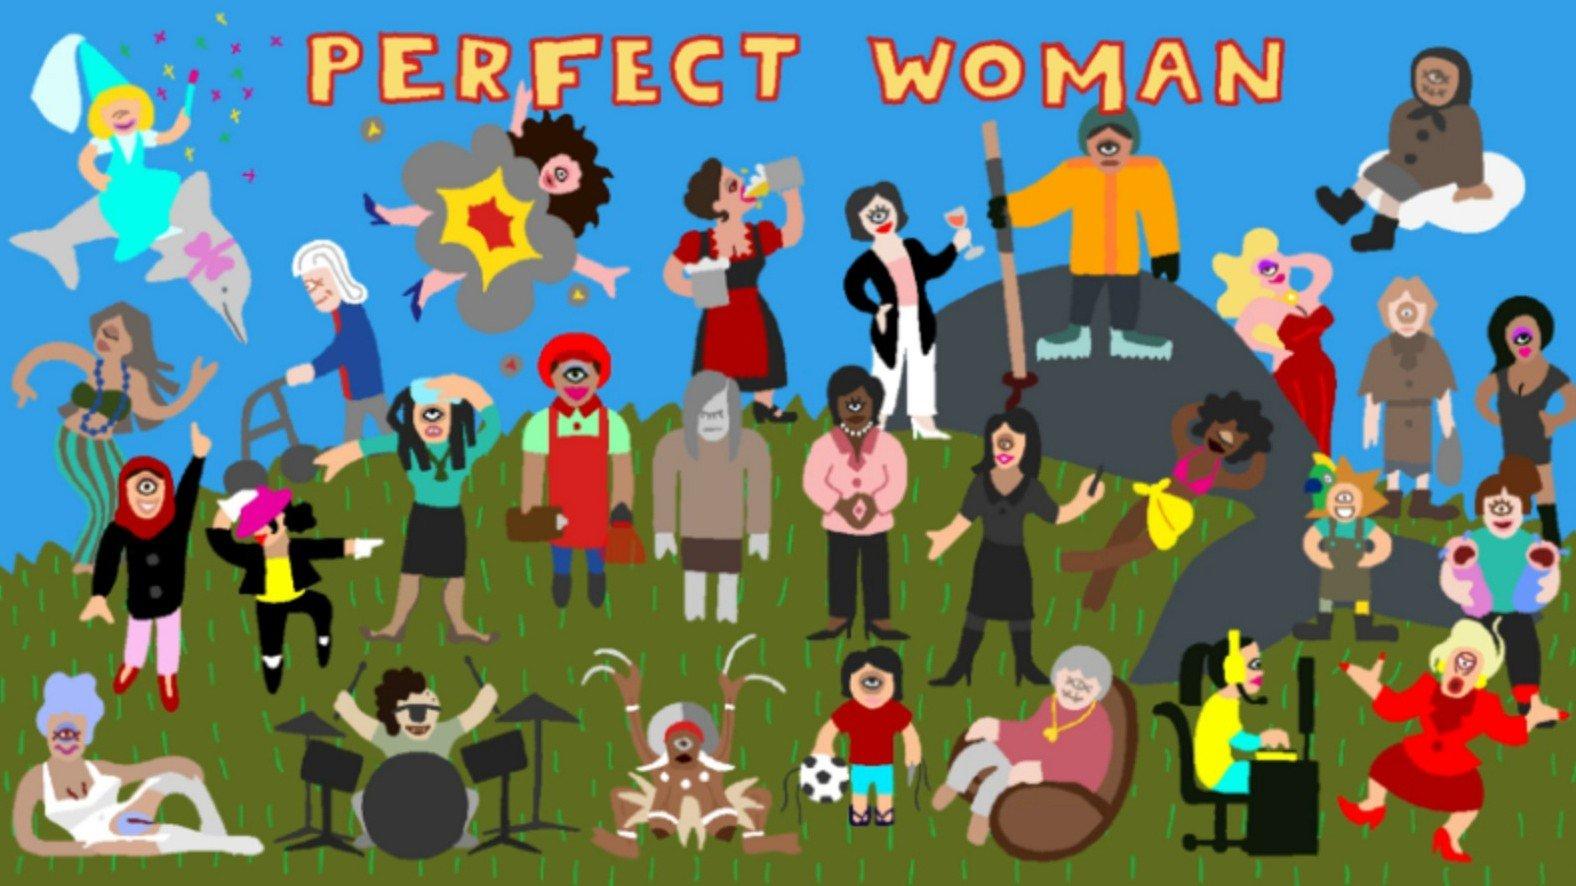 Un nuevo videojuego de Kinect critica los estereotipos machistas